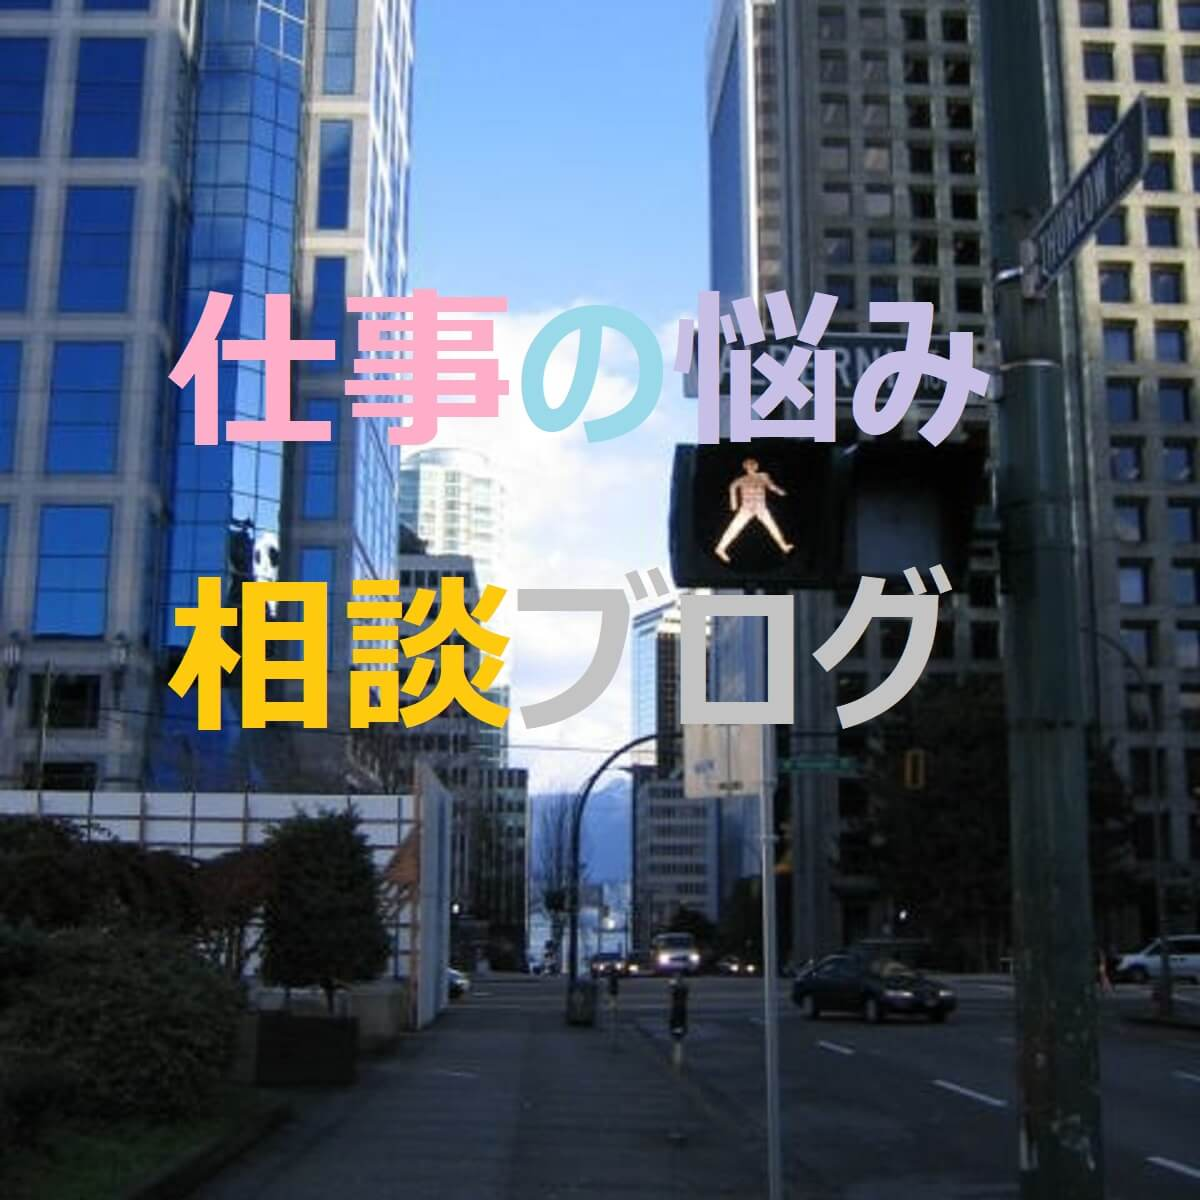 仕事の悩み相談ブログというタイトルのサムネ。おしゃれなビルを背景に青信号が点灯している。